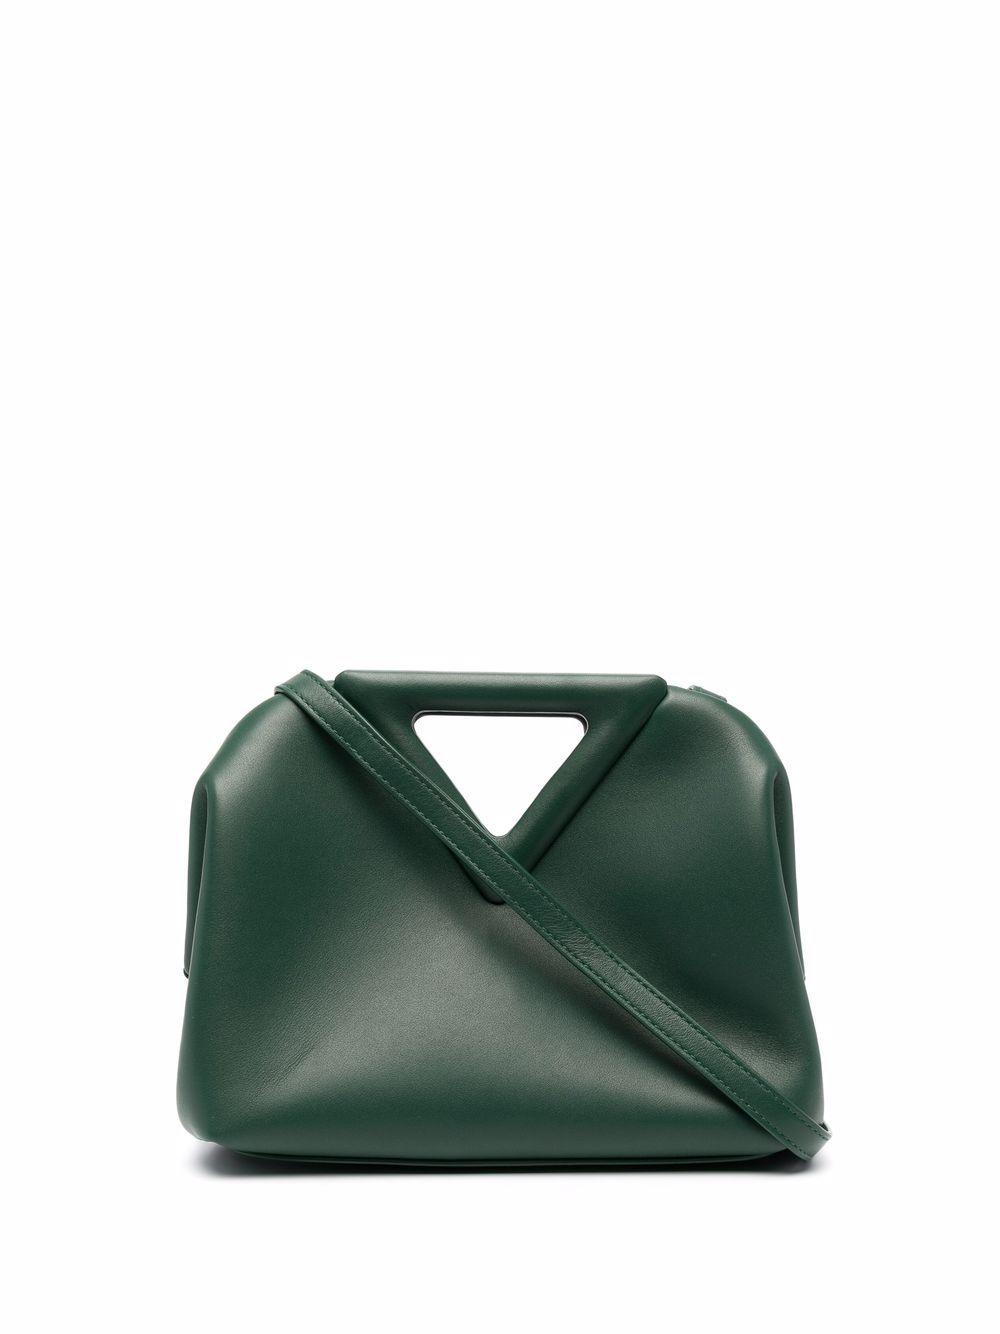 Bottega Veneta Point Handtasche mit dreieckigen Henkeln - Grün